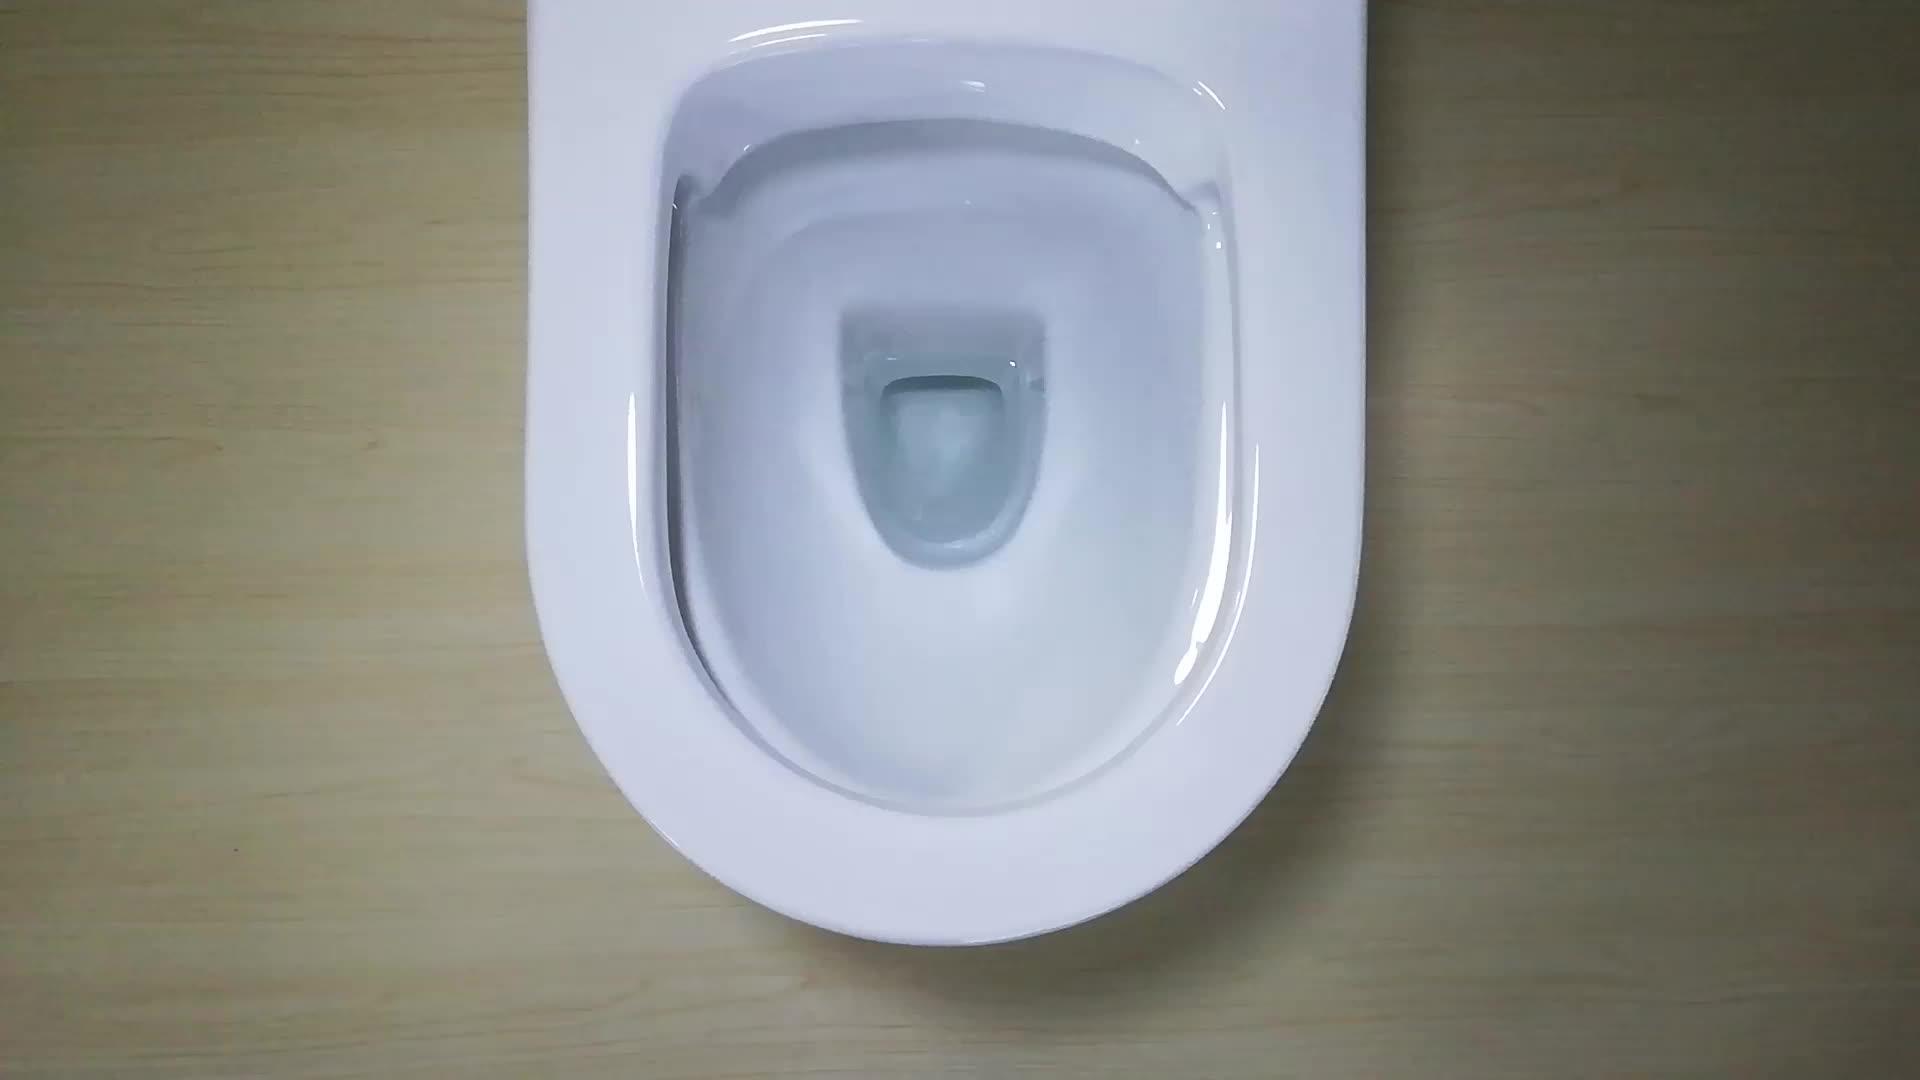 De marca de agua sin montura acceso higiénico sanitarias Espana A3314